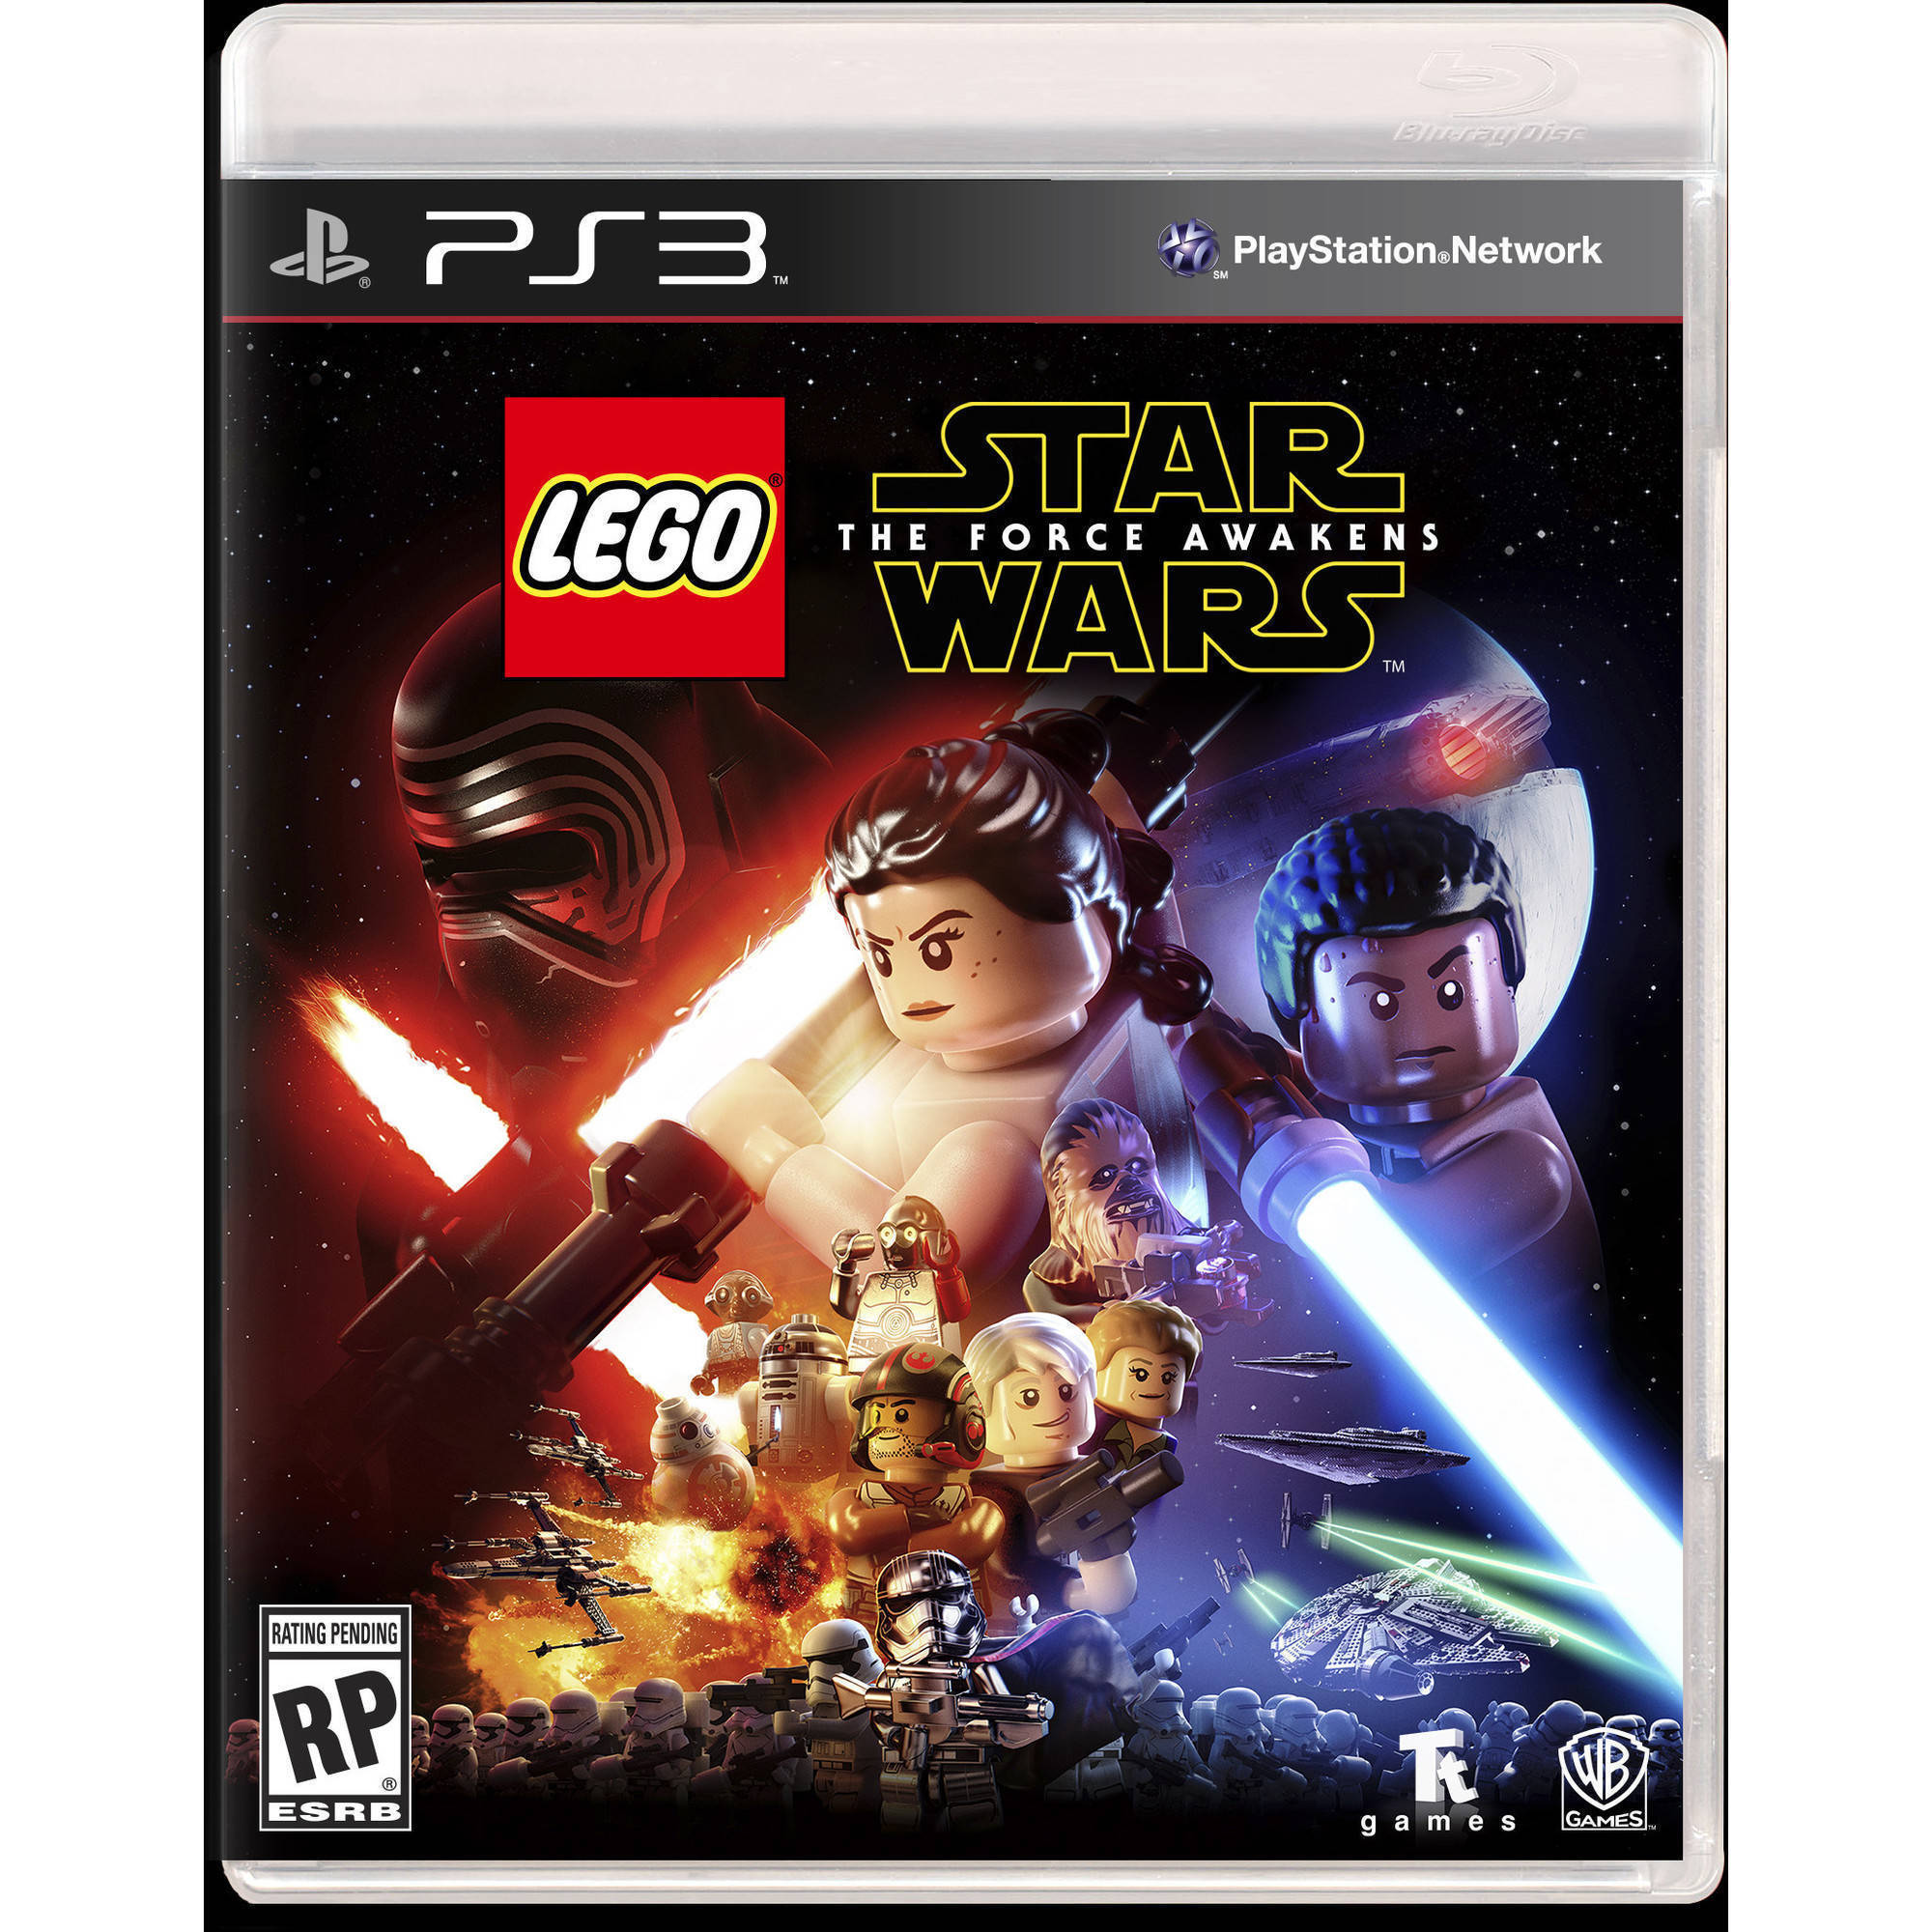 LEGO Star Wars Force Awakens - Walmart Exclusive (PS3)